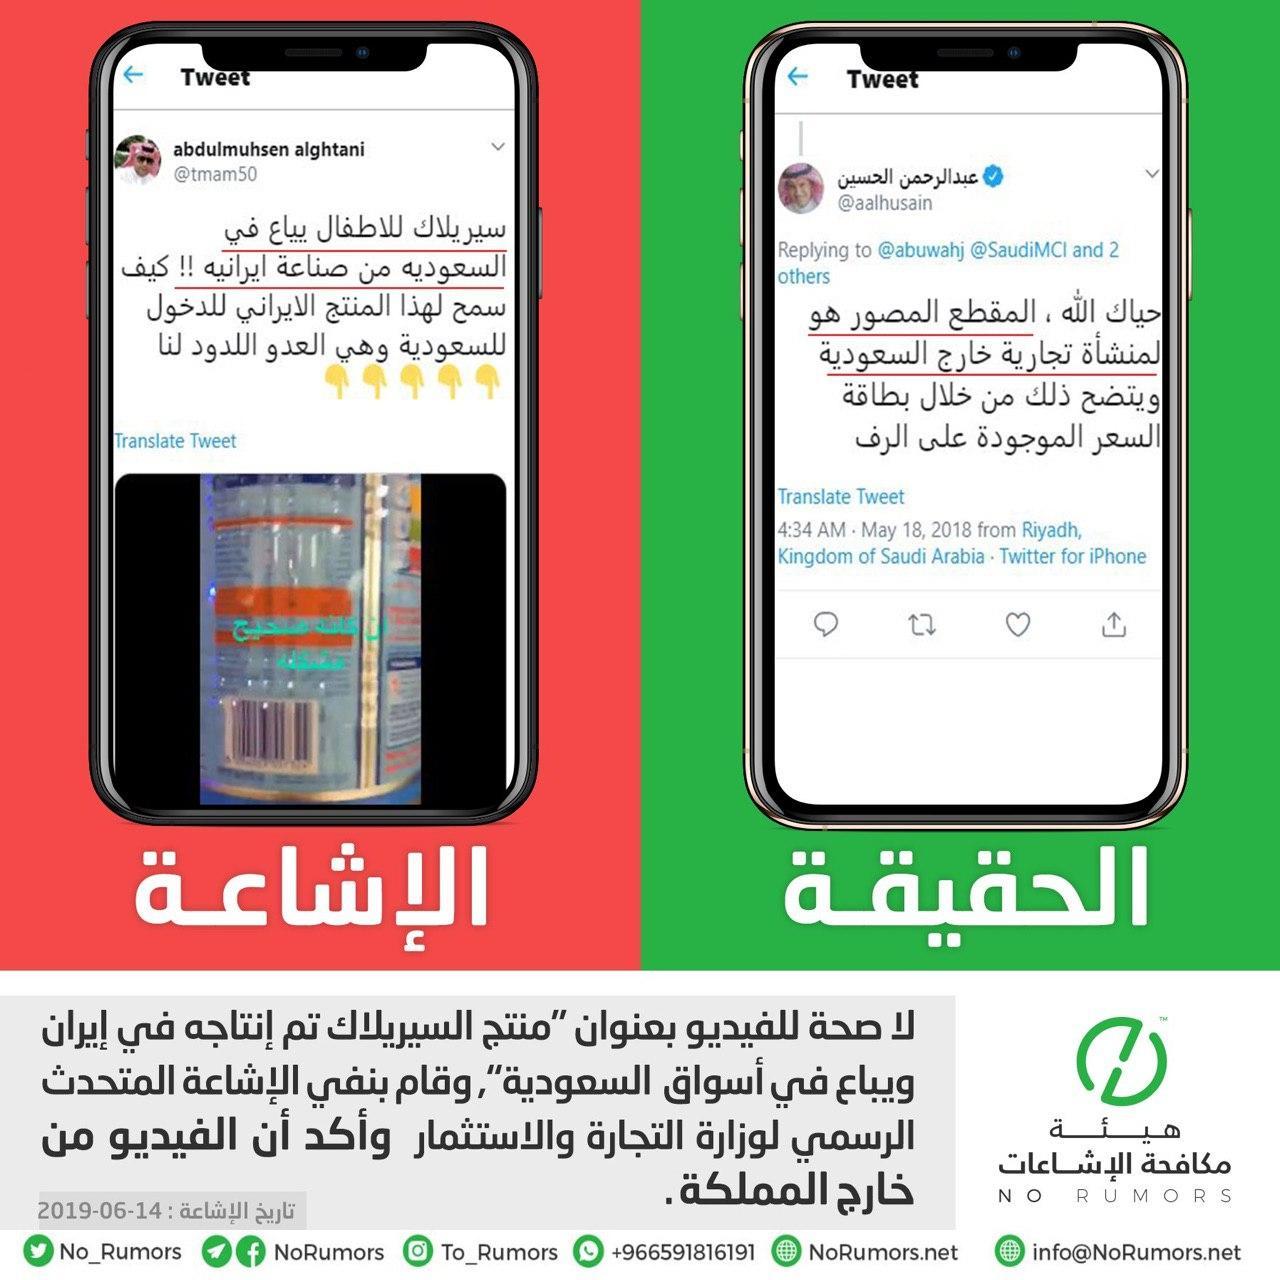 حقيقة خبر منتج السيريلاك تم إنتاجه في إيران ويباع في أسواق السعودية